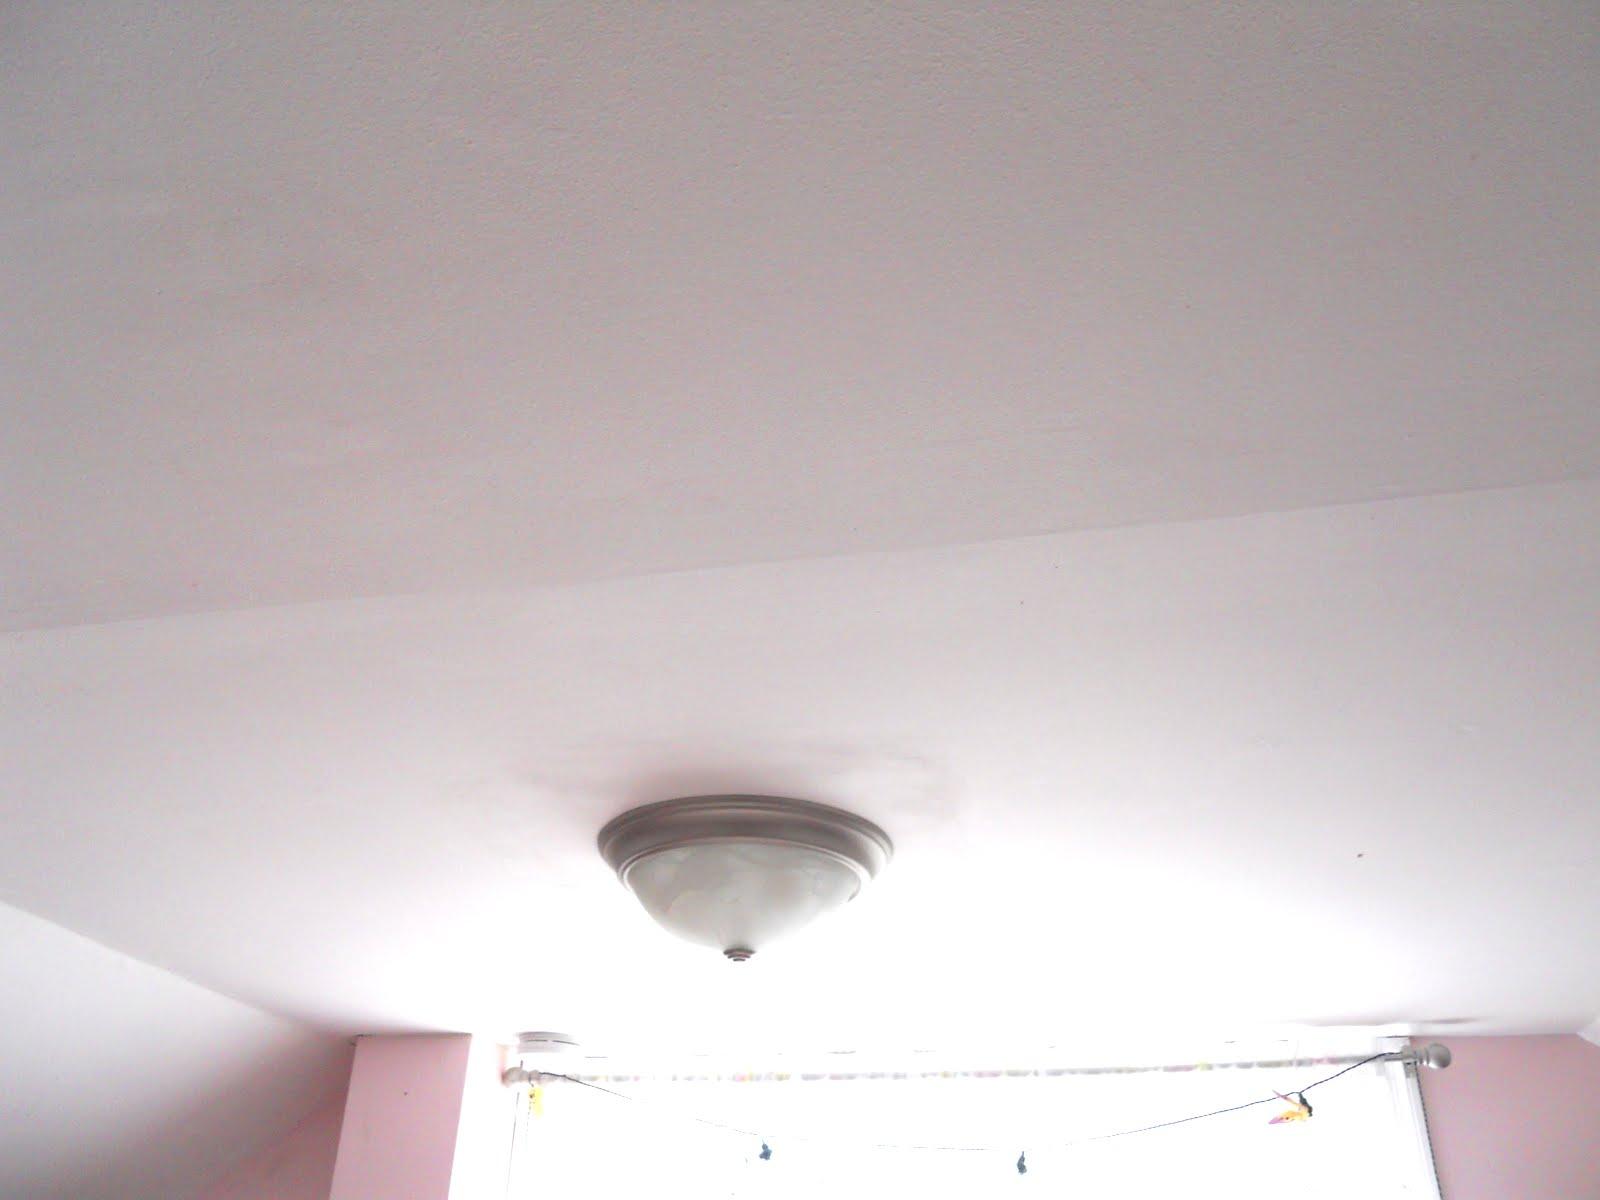 Hiding Bad Ceilings